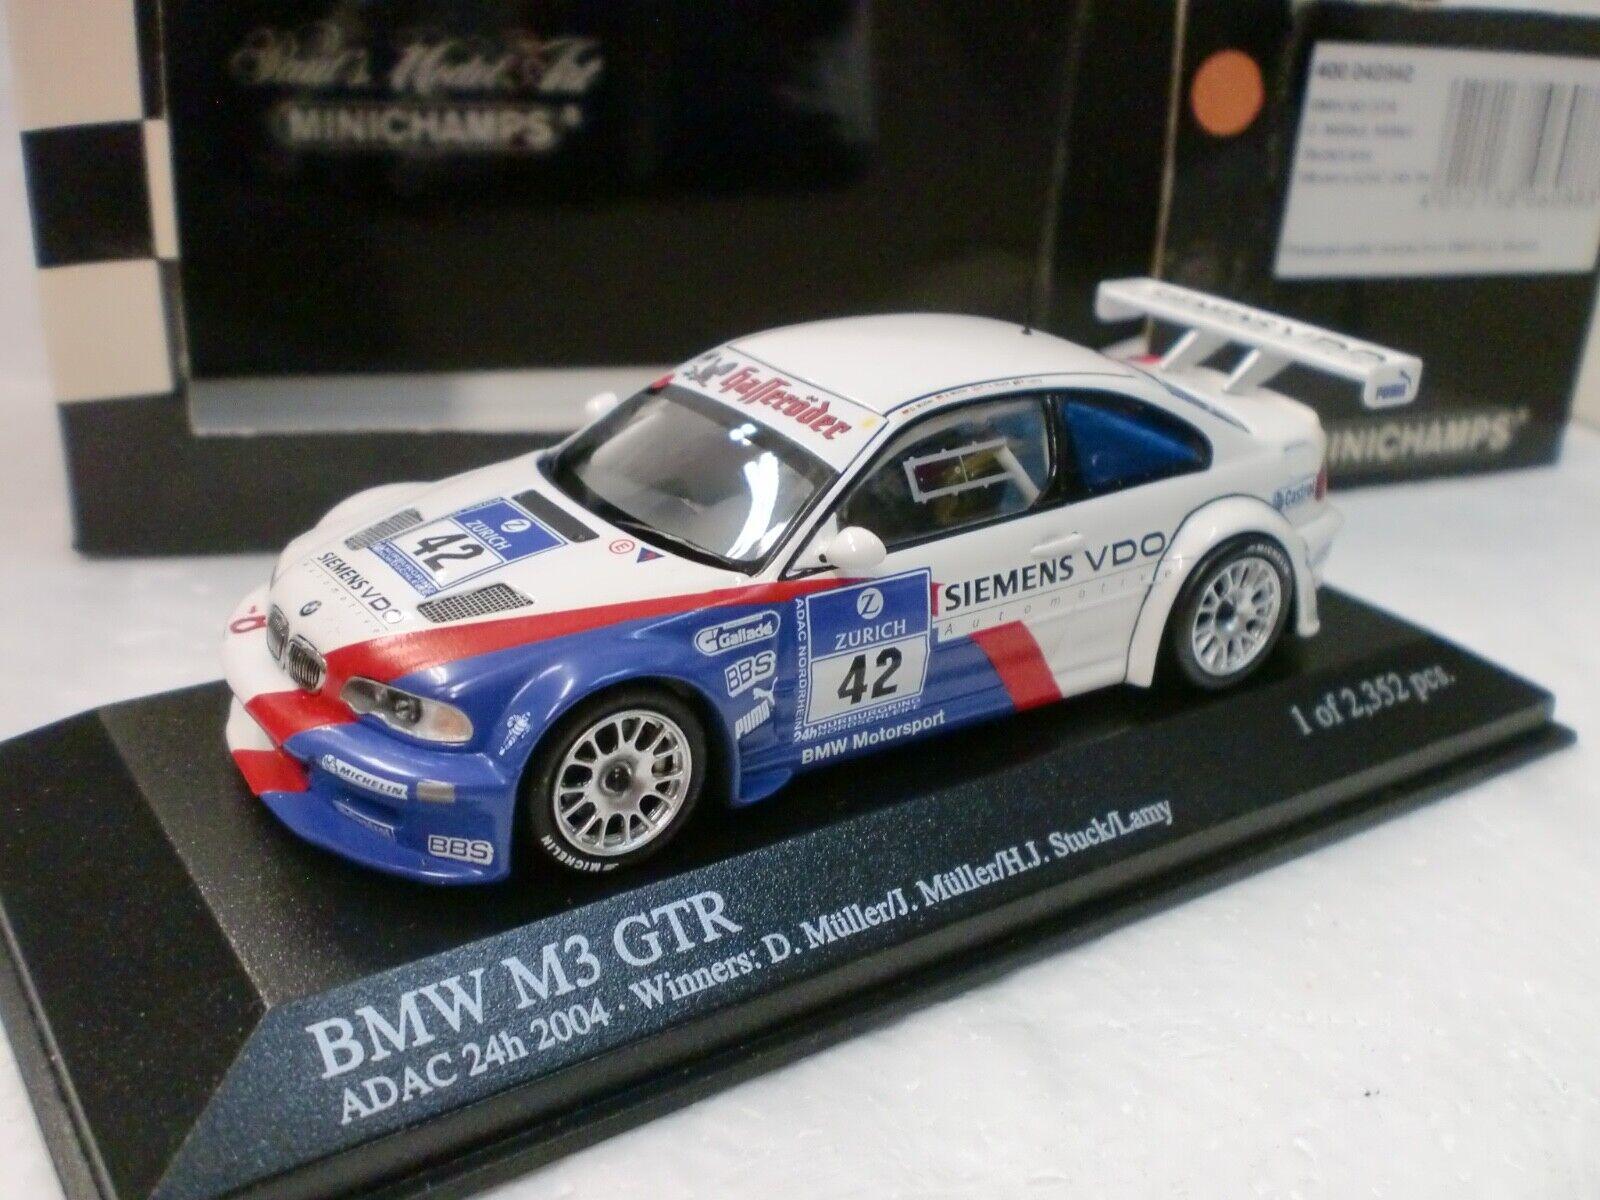 MINICHAMPS 1 43 - BMW M3 GTR WINNER ADAC 24H 2004 - 400 042342